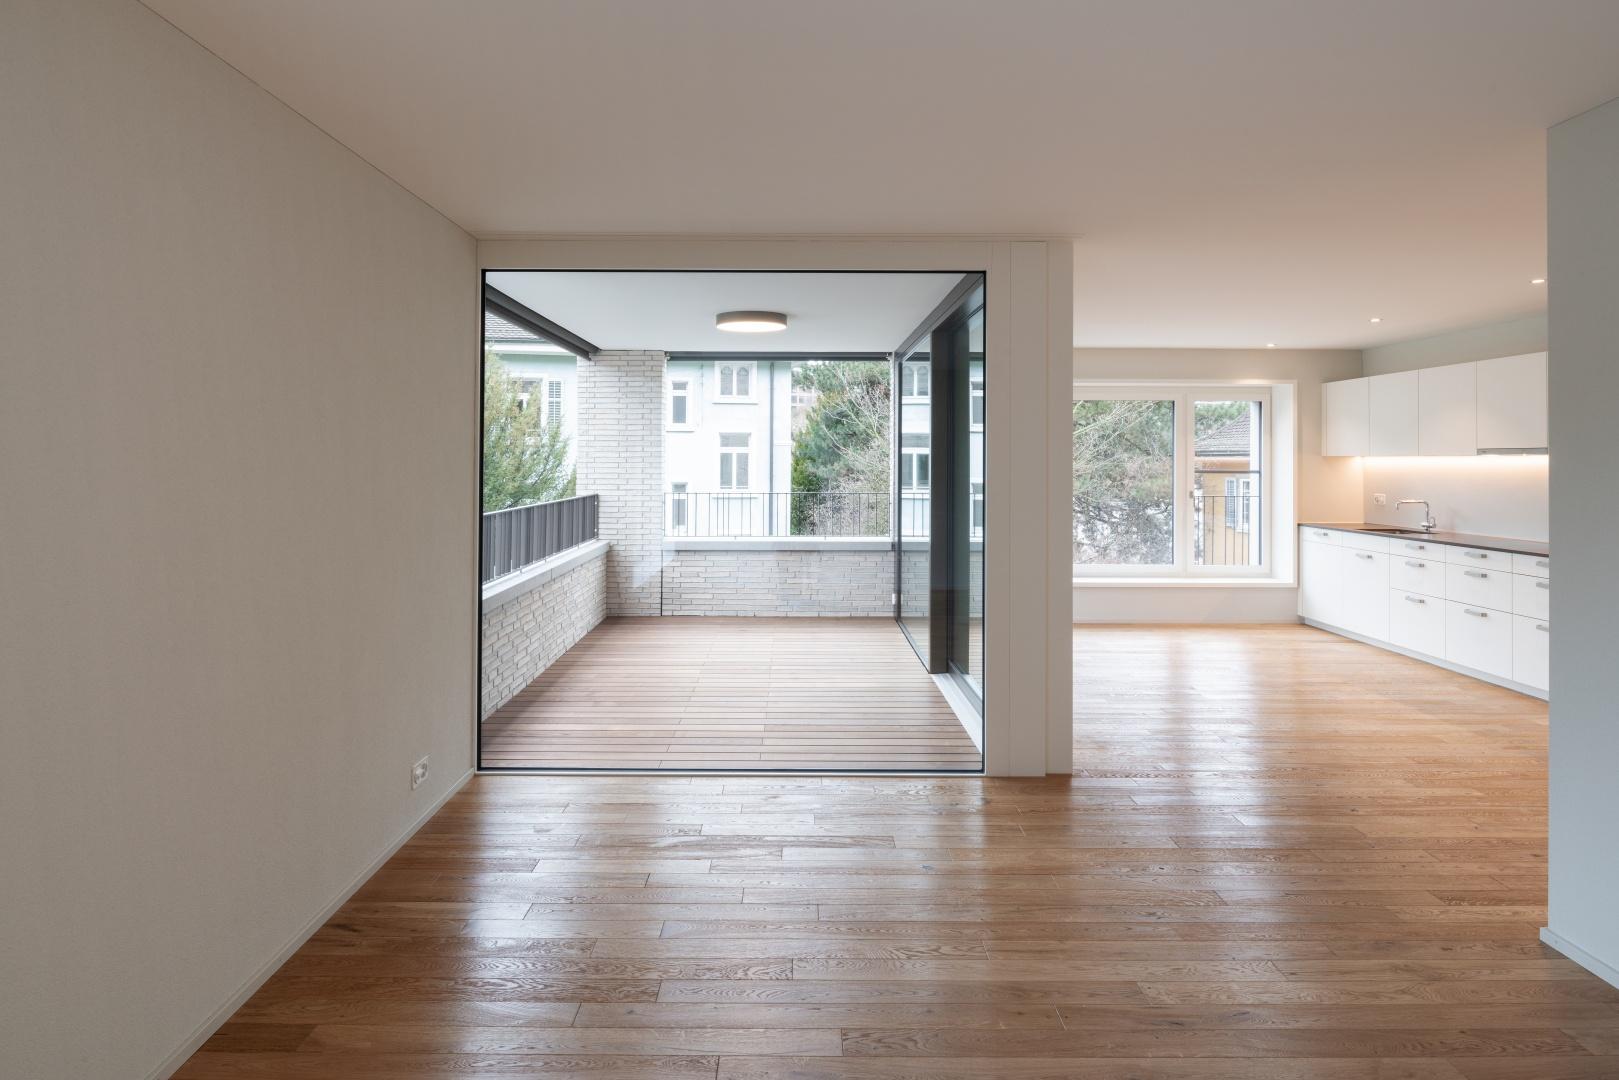 Wohnen/Essen mit eingezogener Loggia als erweiterter Wohnraum © René Rötheli • Atelier für Fotografie • CH - 5400 Baden